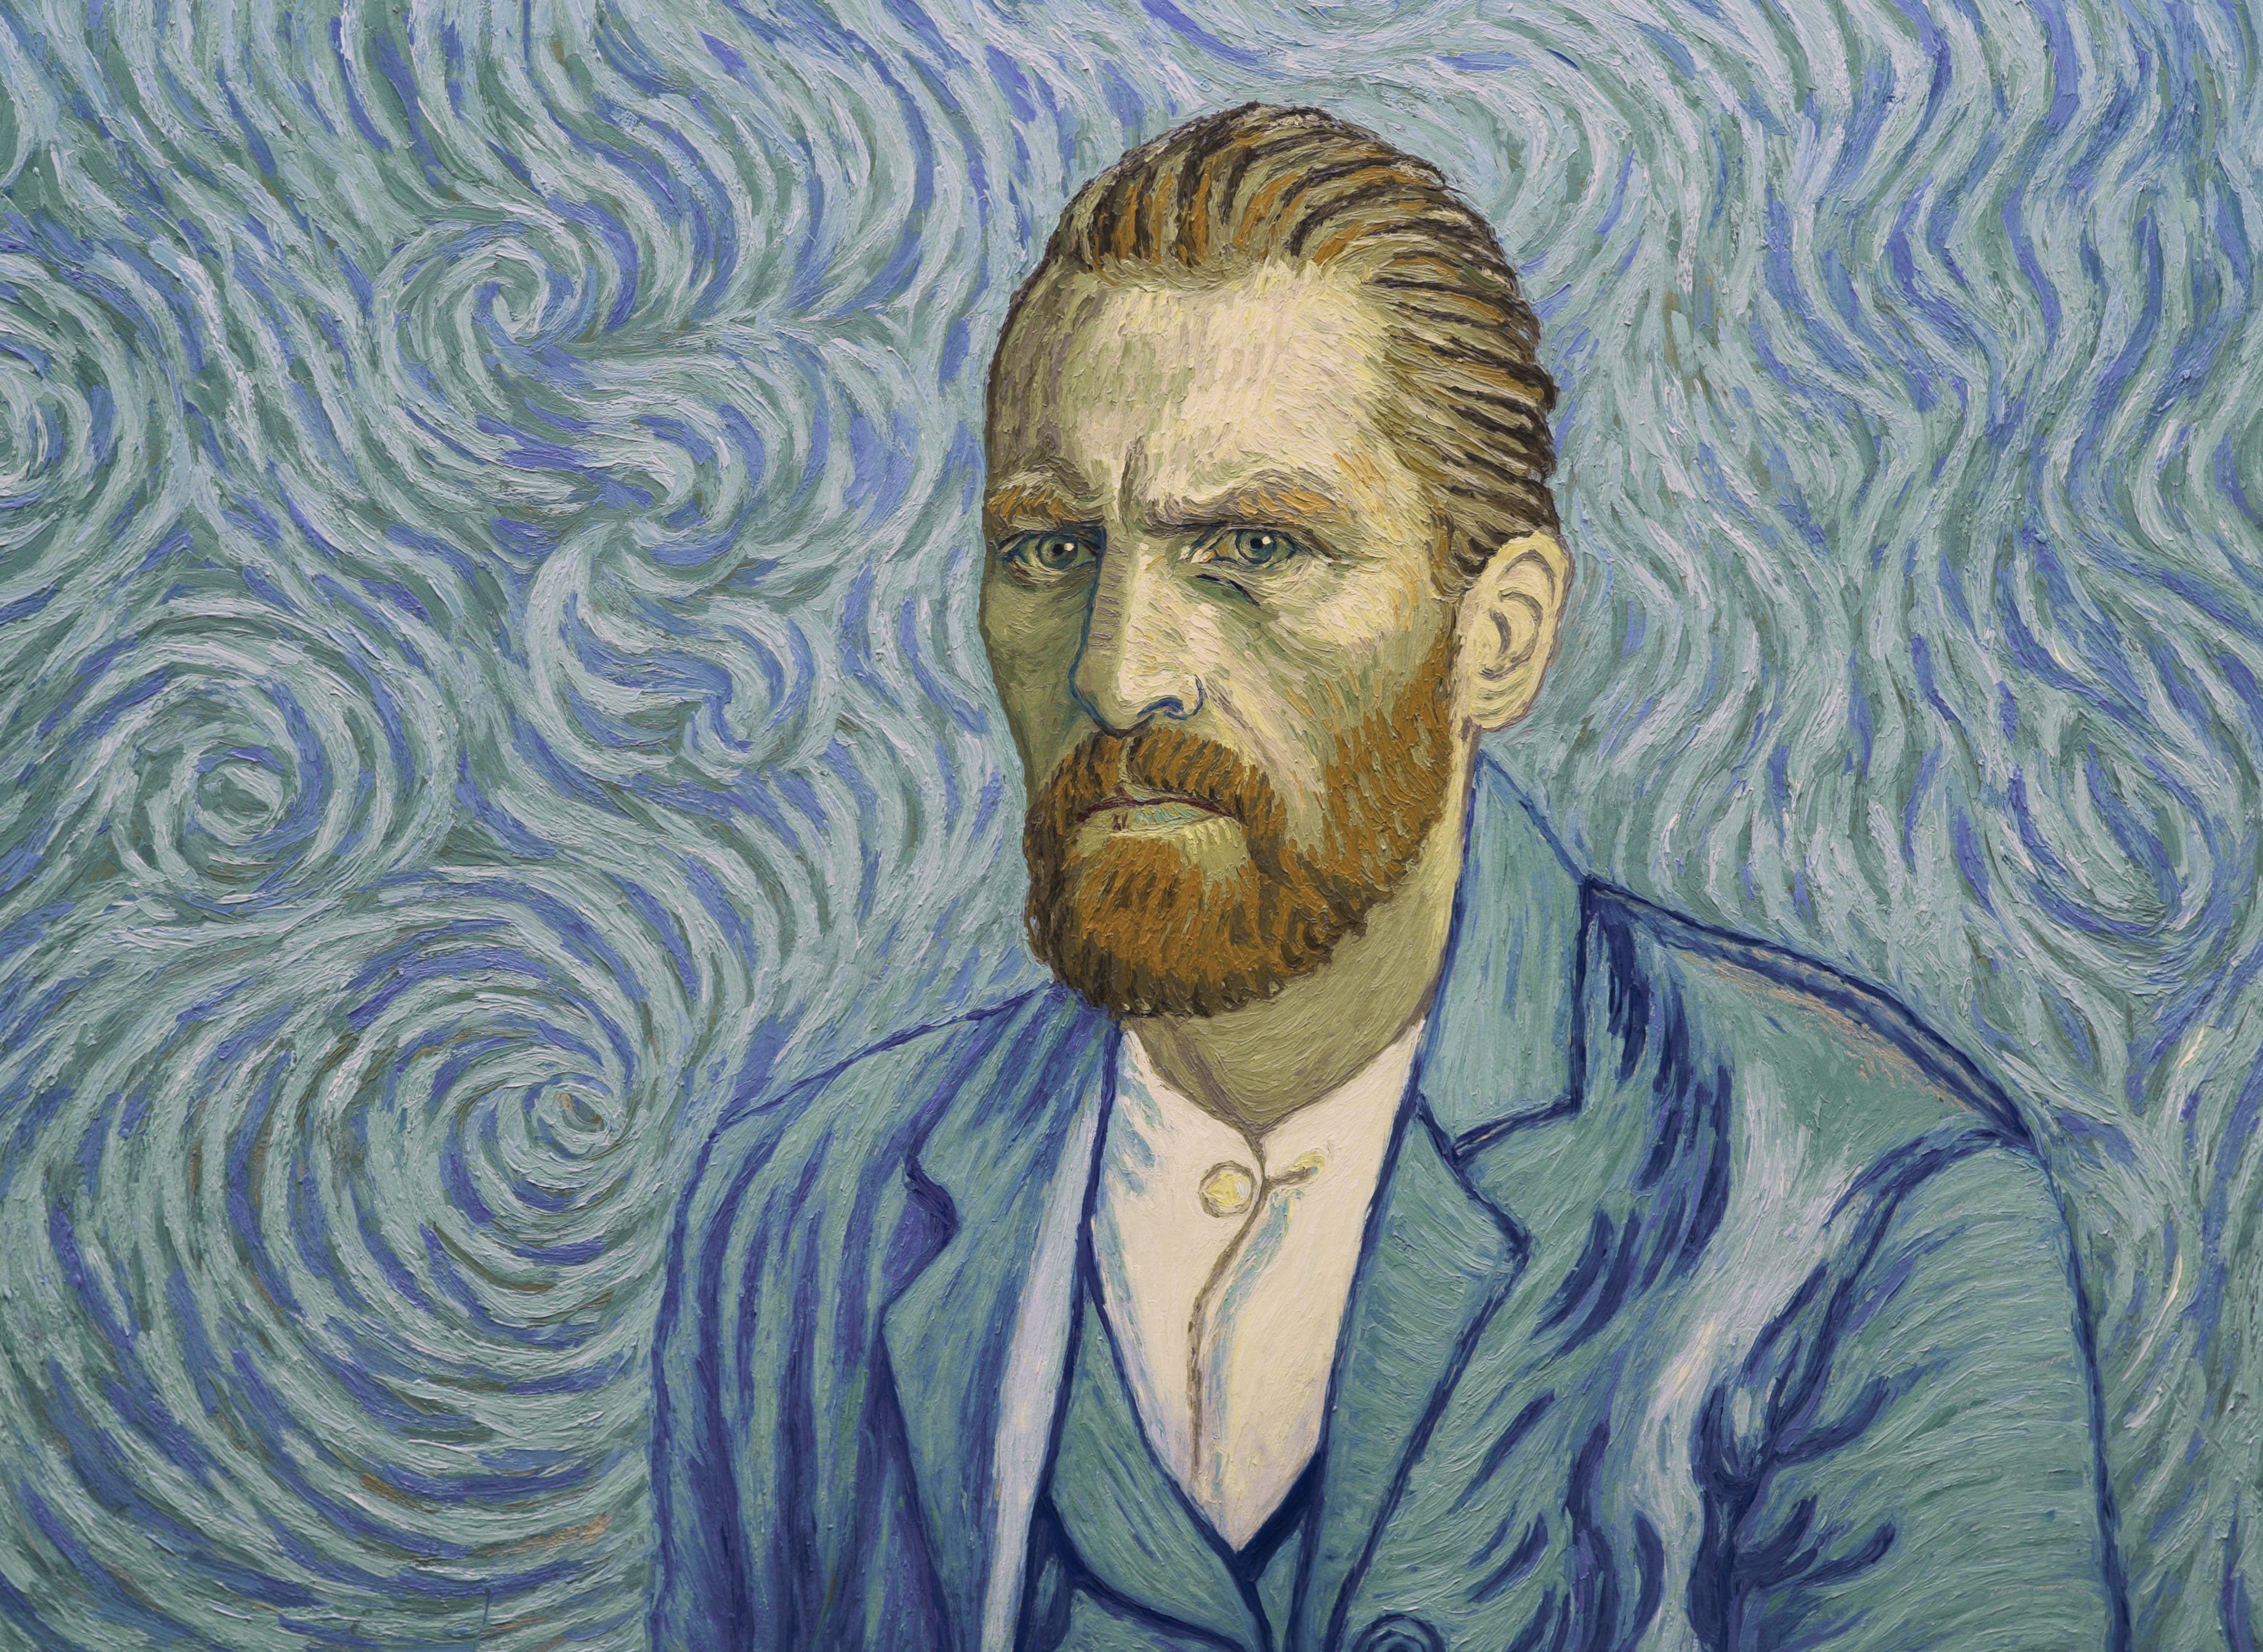 Talent czy szaleństwo? Tajemnice wizjonera sztuki - wieczór odsłaniający geniusz Van Gogha już 22 lipca w CANAL+ DISCOVERY